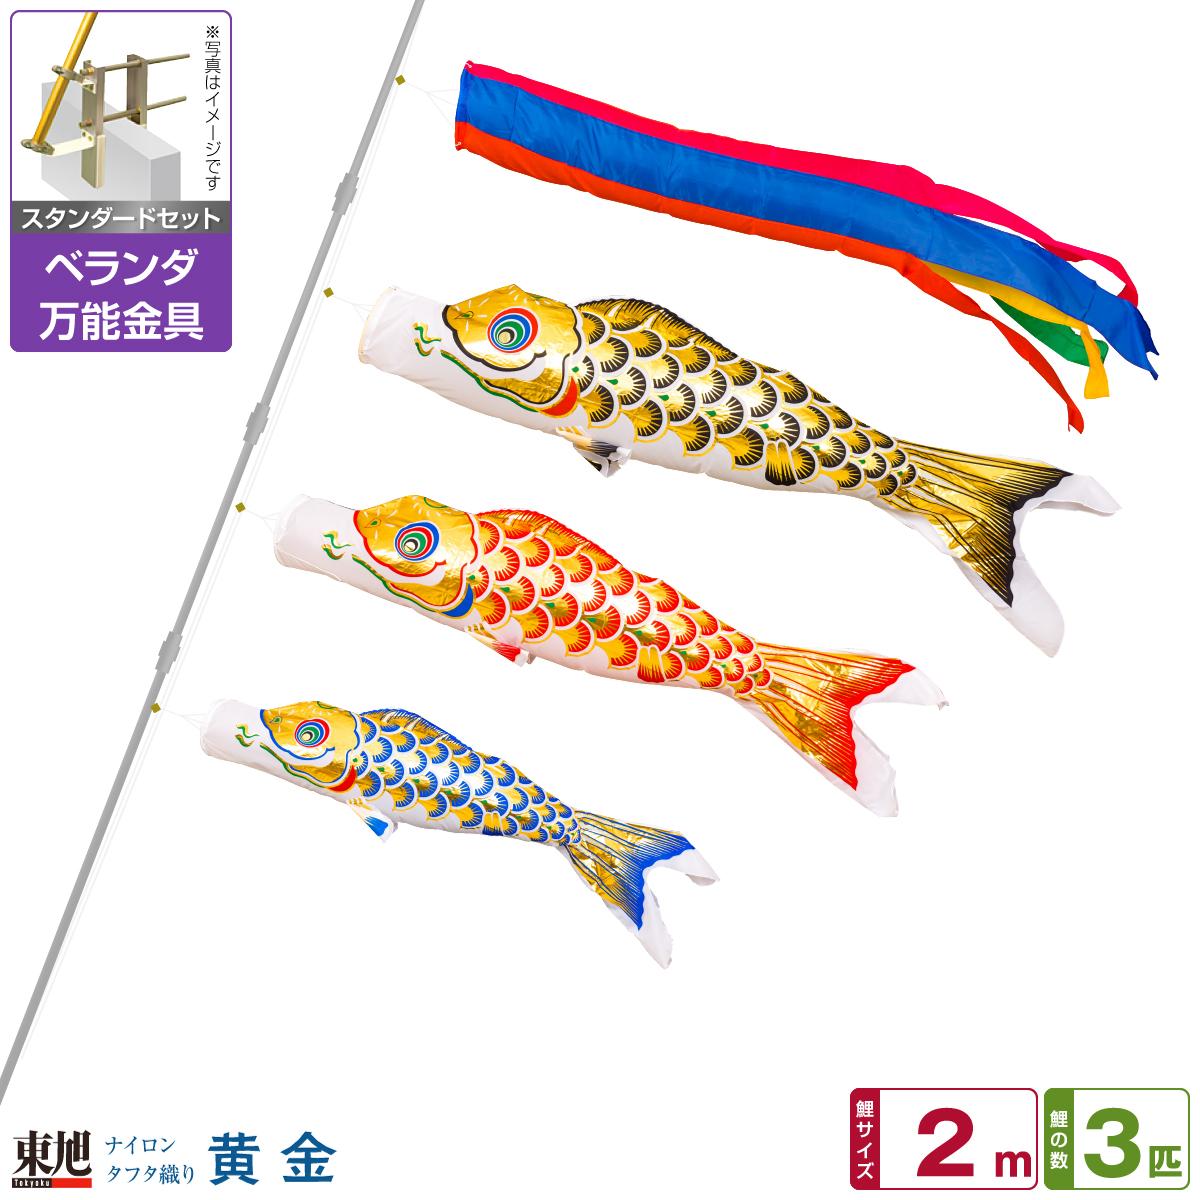 ベランダ用 こいのぼり 鯉のぼり ナイロンタフタ織り 黄金 2m 6点(吹流し+鯉3匹+矢車+ロープ)/スタンダードセット(万能取付金具)